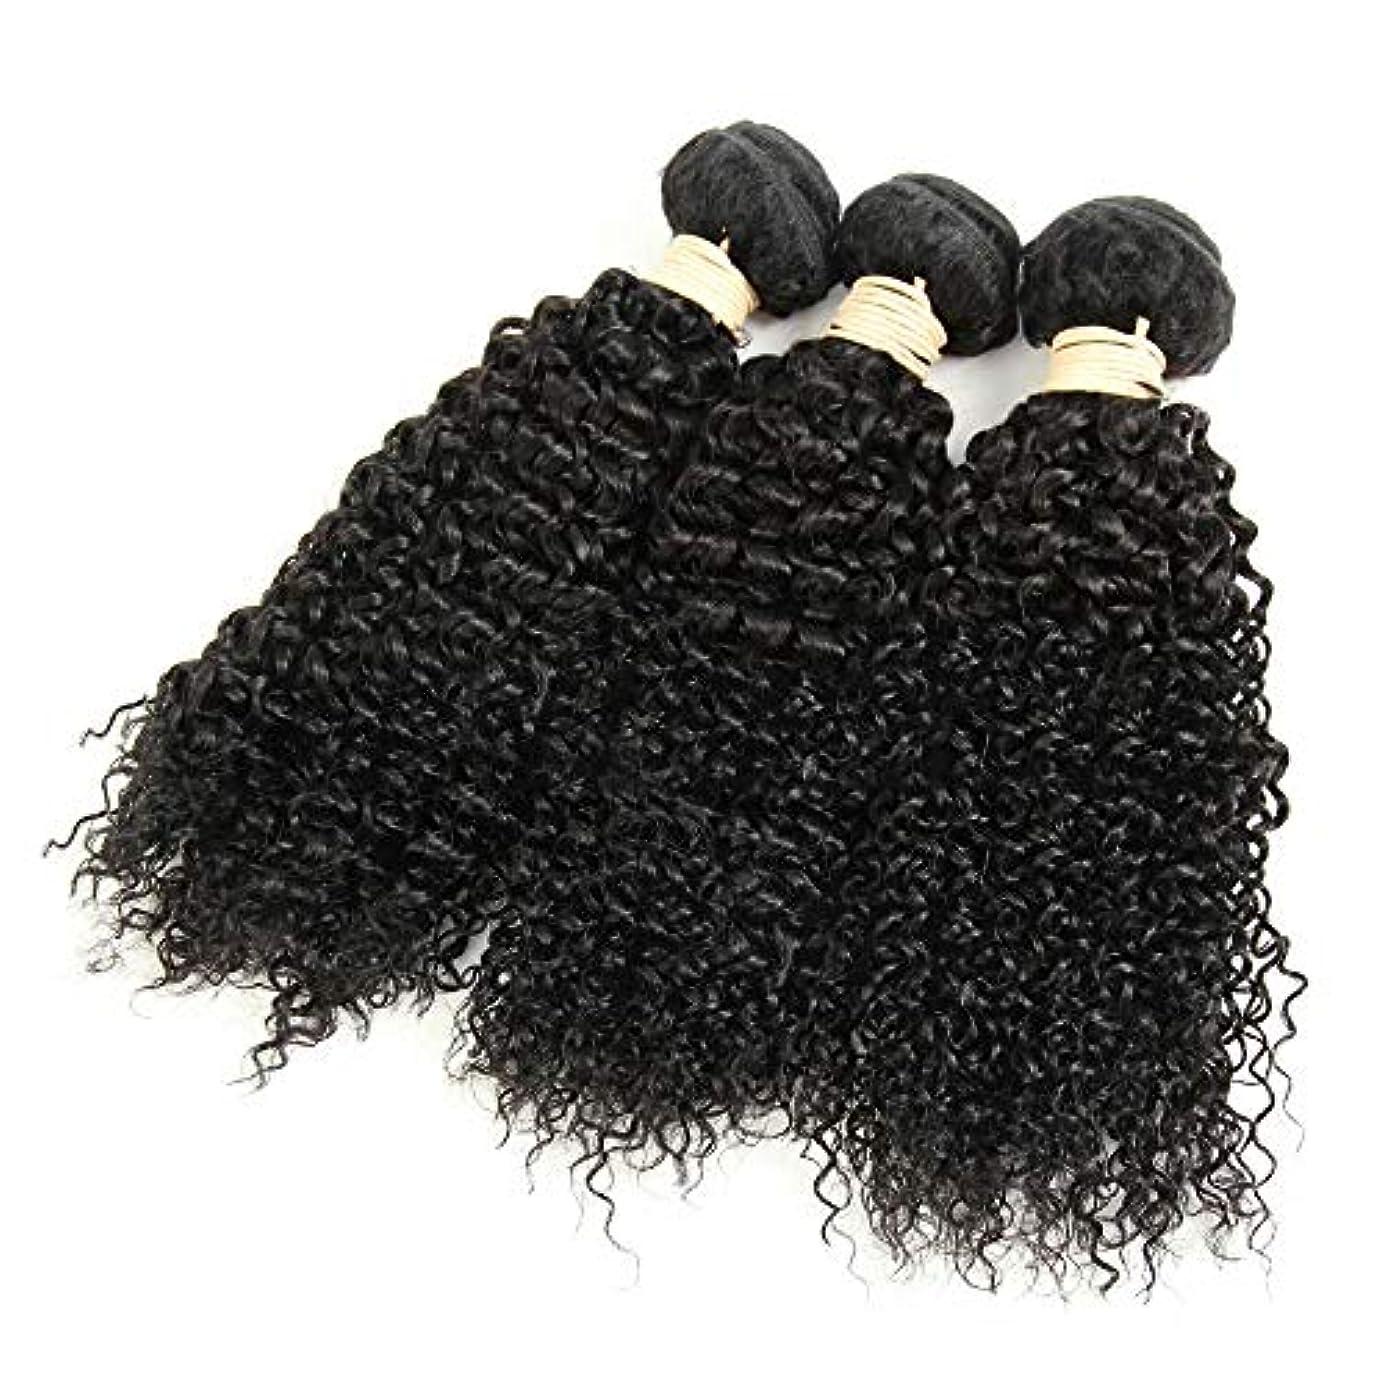 期待する幾分効能HOHYLLYA 1バンドル変態巻き毛100%本物の人間の髪の毛の束ブラジルのディープウェーブの毛未処理の髪を編む(8